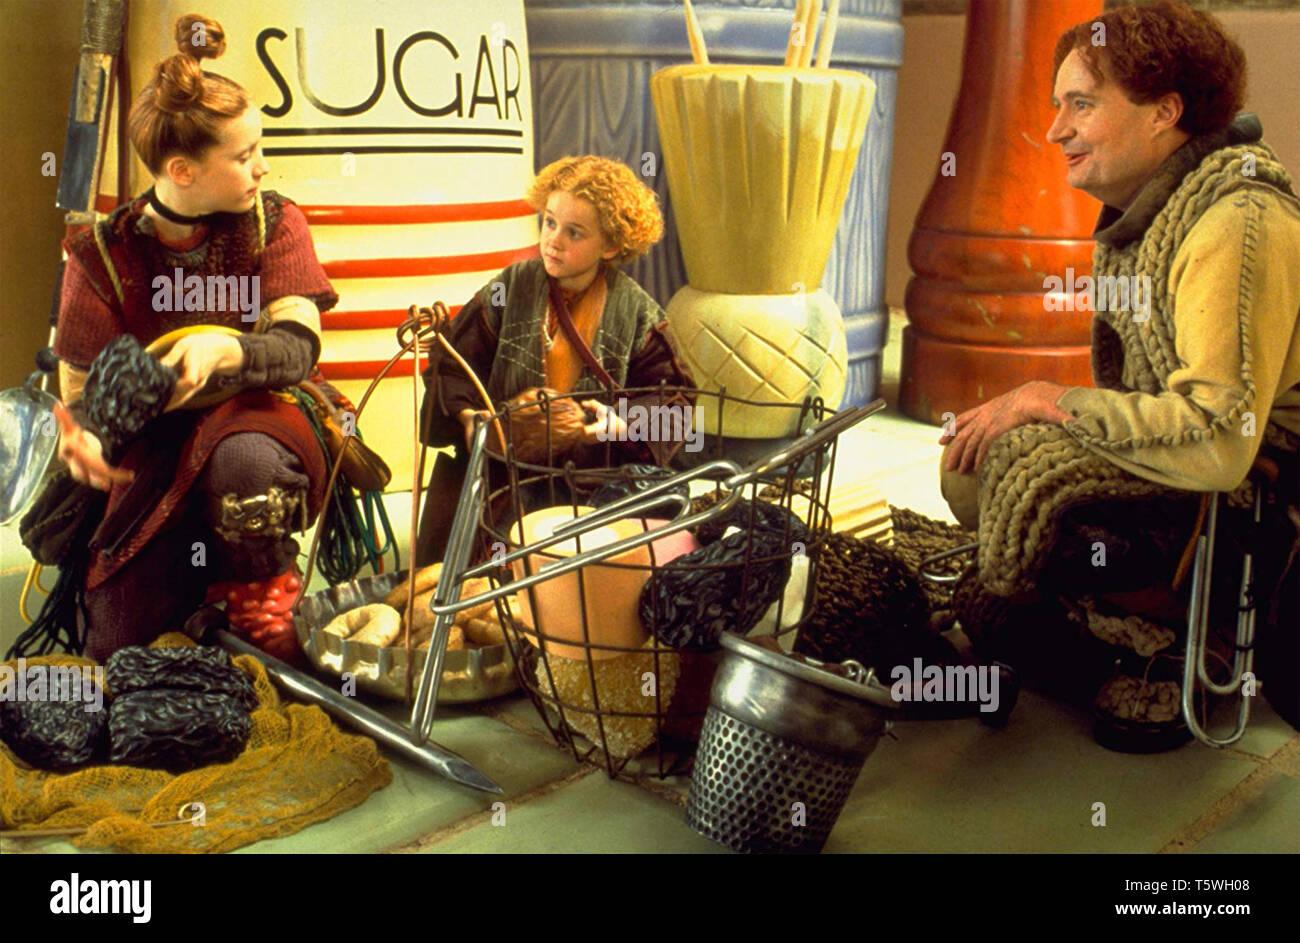 Los prestatarios 1997 Polygram film Imagen De Stock